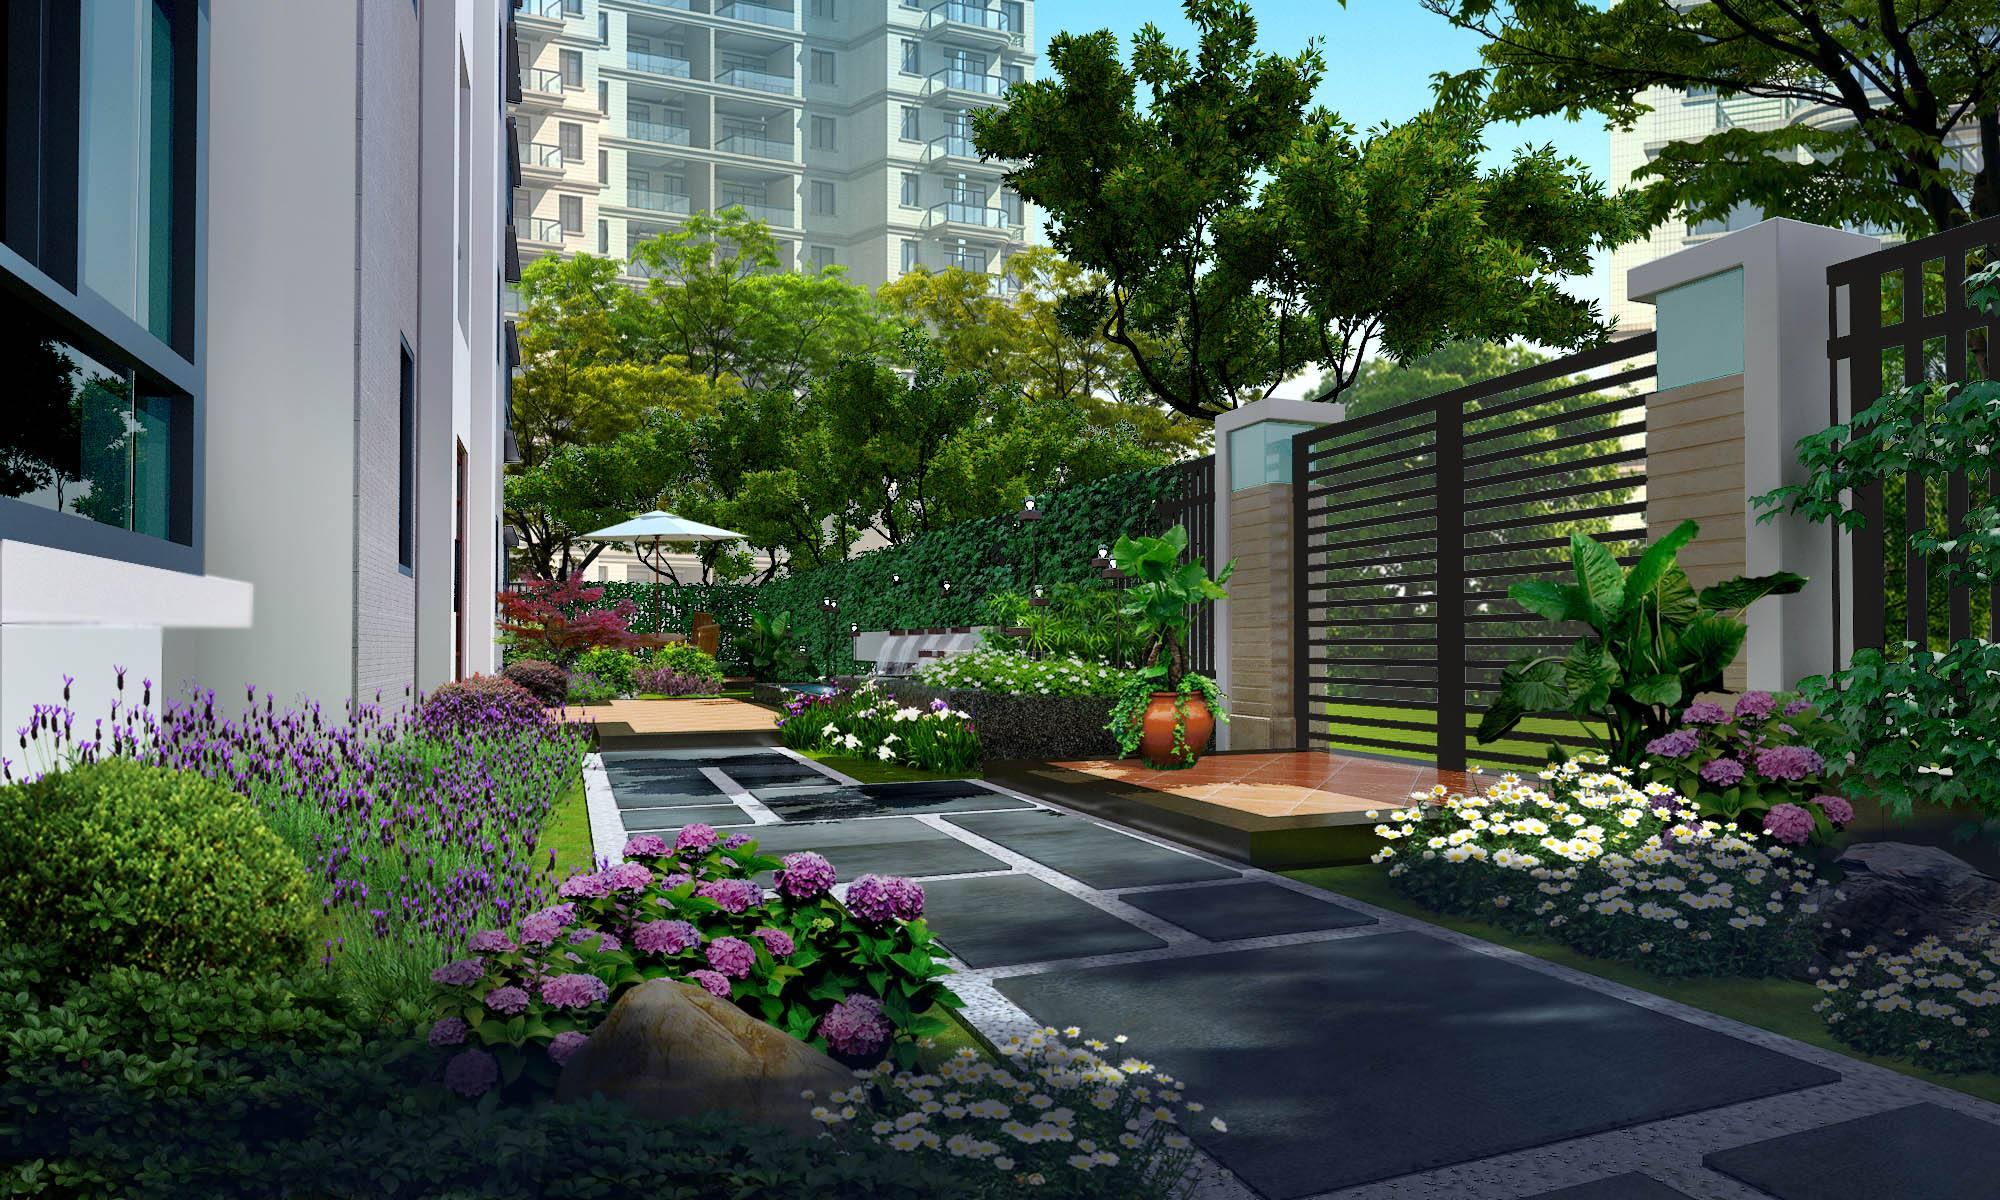 庭院景观设计怎样变得更加美观